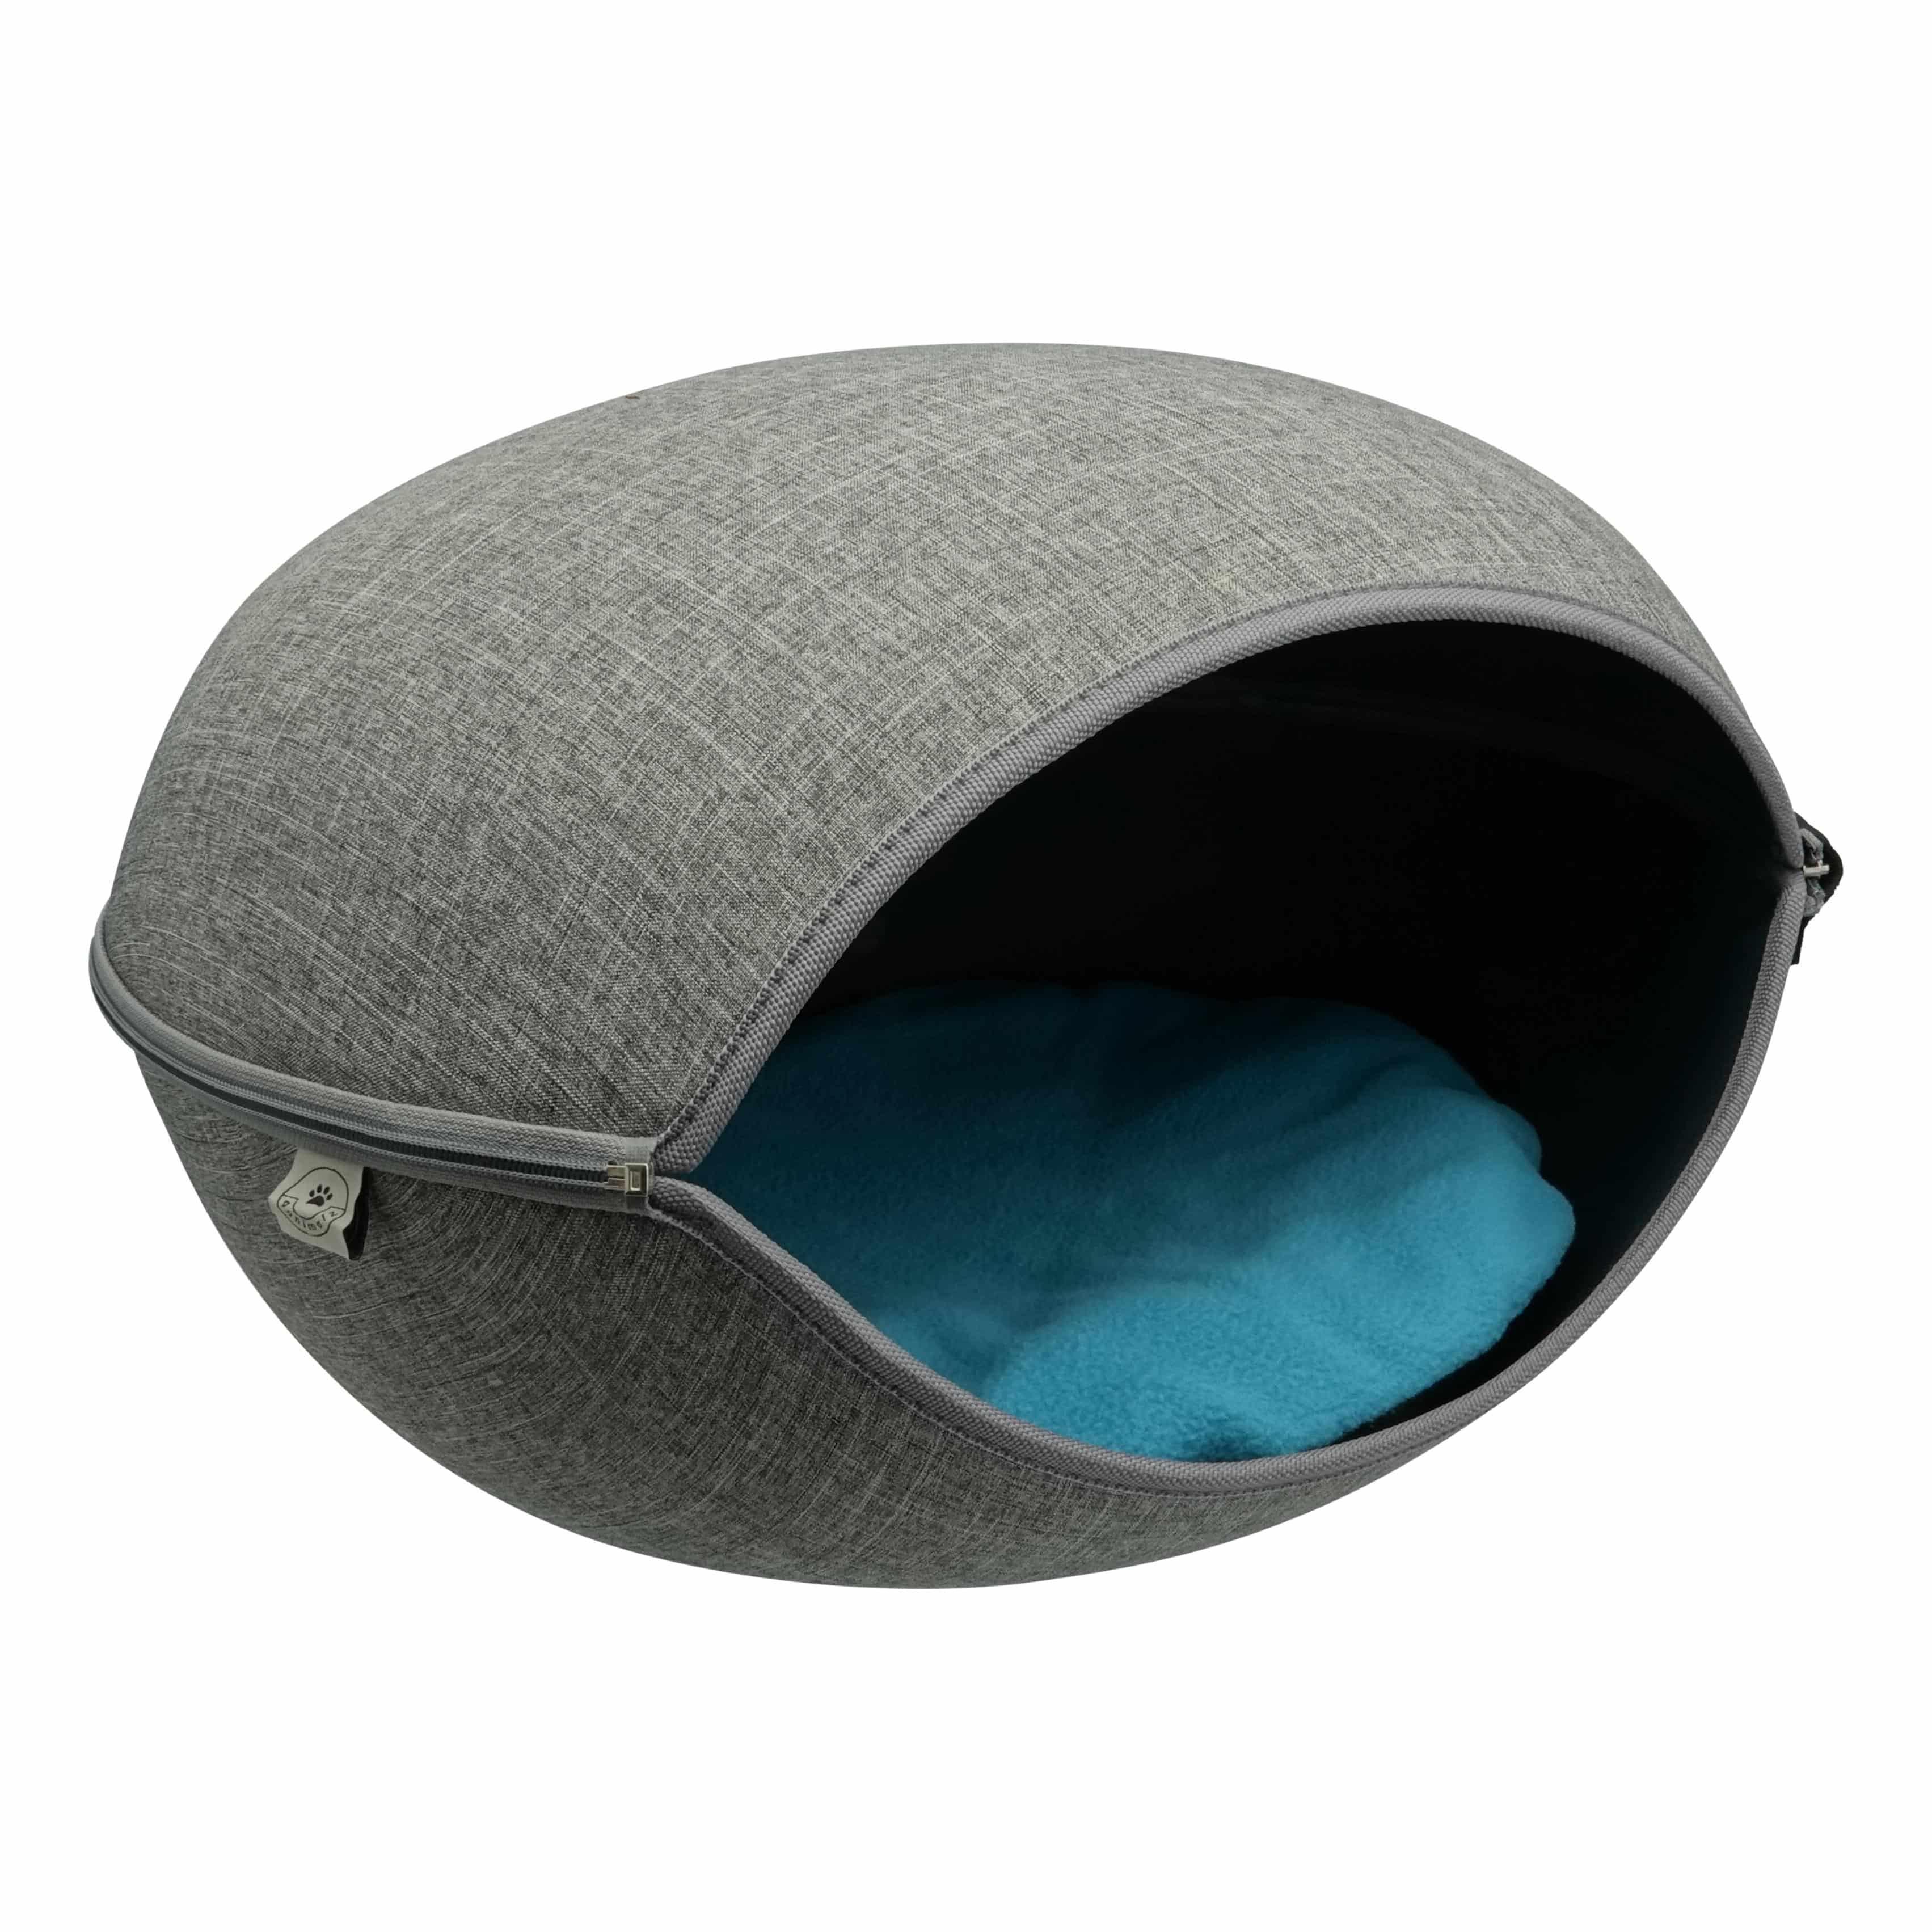 4animalz grote stoffen kattenmand in grijs - 52x45x33cm - blauw/creme